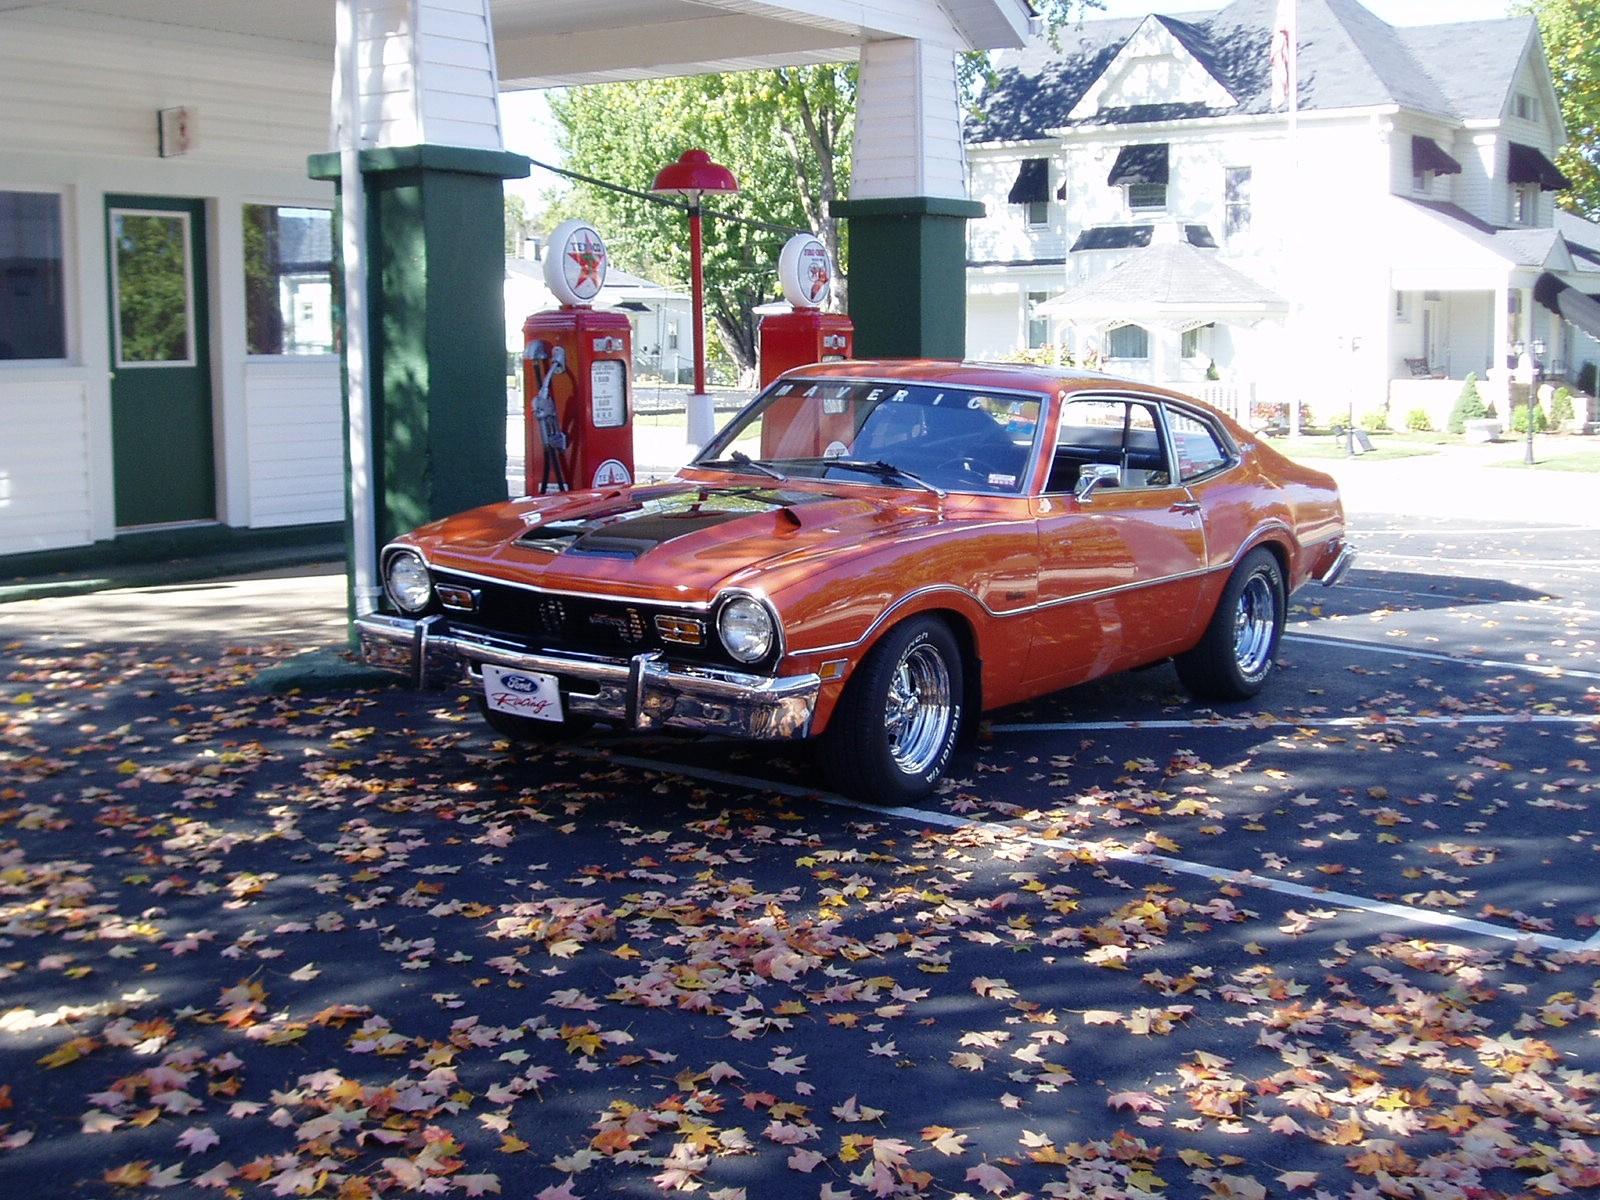 Car: 1974 Ford Maverick